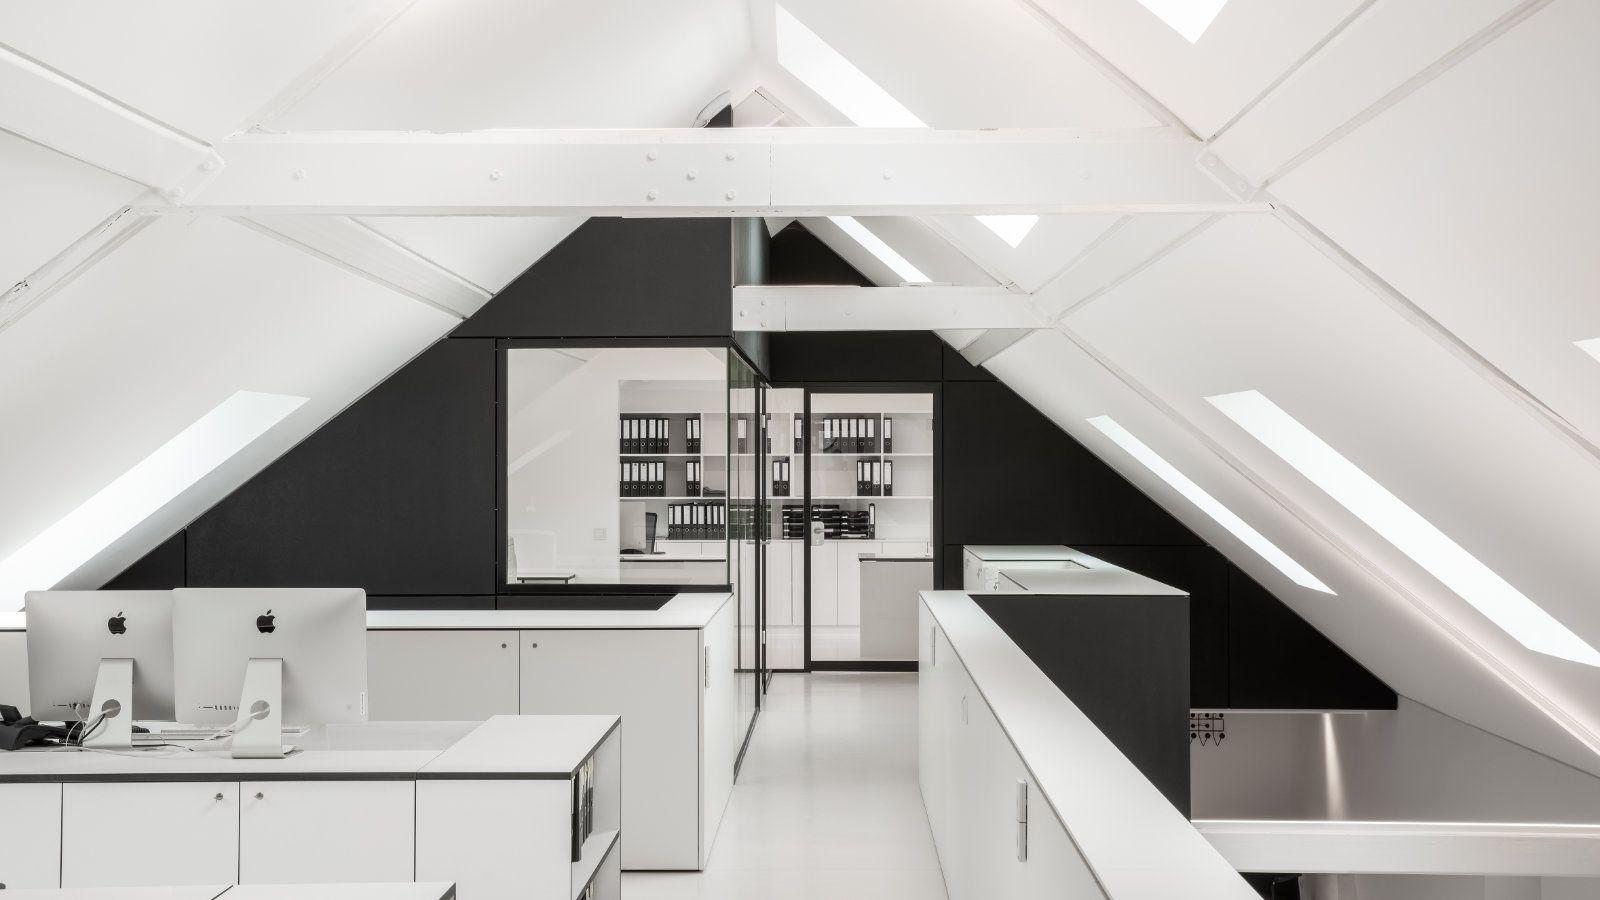 mo.studio Dach Brüstung weiß Mac Giebel Balken Archiv